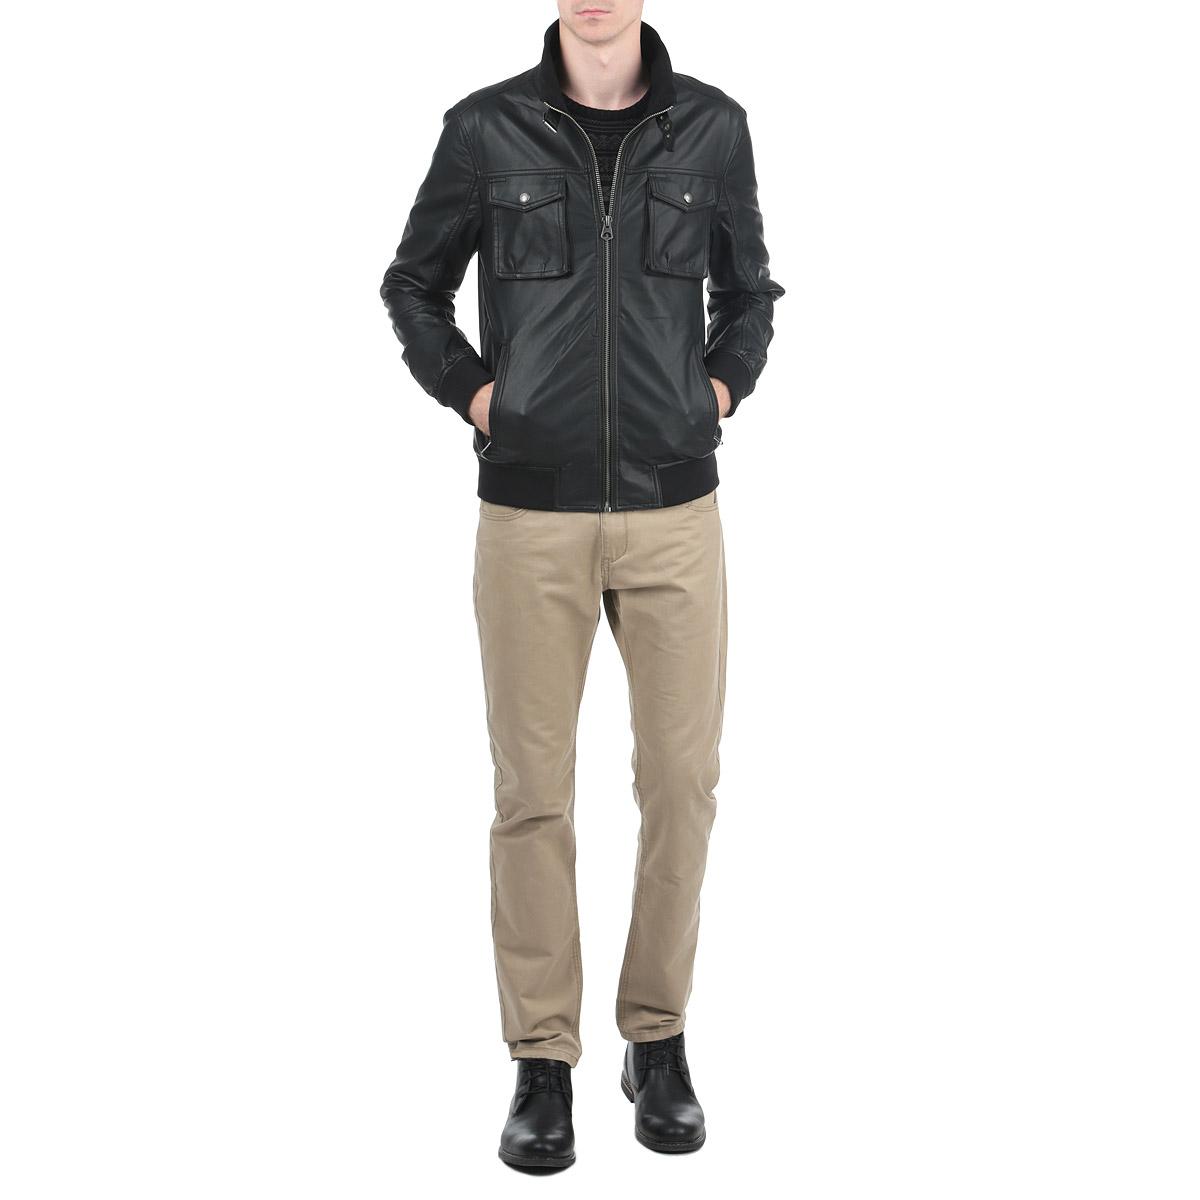 Куртка10153074_999Стильная мужская куртка Broadway выполнена из высококачественной искусственной матовой кожи с подкладкой из полиэстера и рассчитана на прохладную погоду. Куртка поможет вам почувствовать себя максимально комфортно и стильно. Модель с длинными рукавами и воротником-стойкой застегивается на металлическую застежку-молнию. Манжеты и воротник изделия дополнены текстильными вставками. Куртка дополнена двумя втачными карманами на застежке молнии и двумя нашивными карманами на металлических кнопках. На внутренней стороне изделия расположен прорезной карман на липучке. Модный дизайн и практичность - отличный выбор на каждый день!